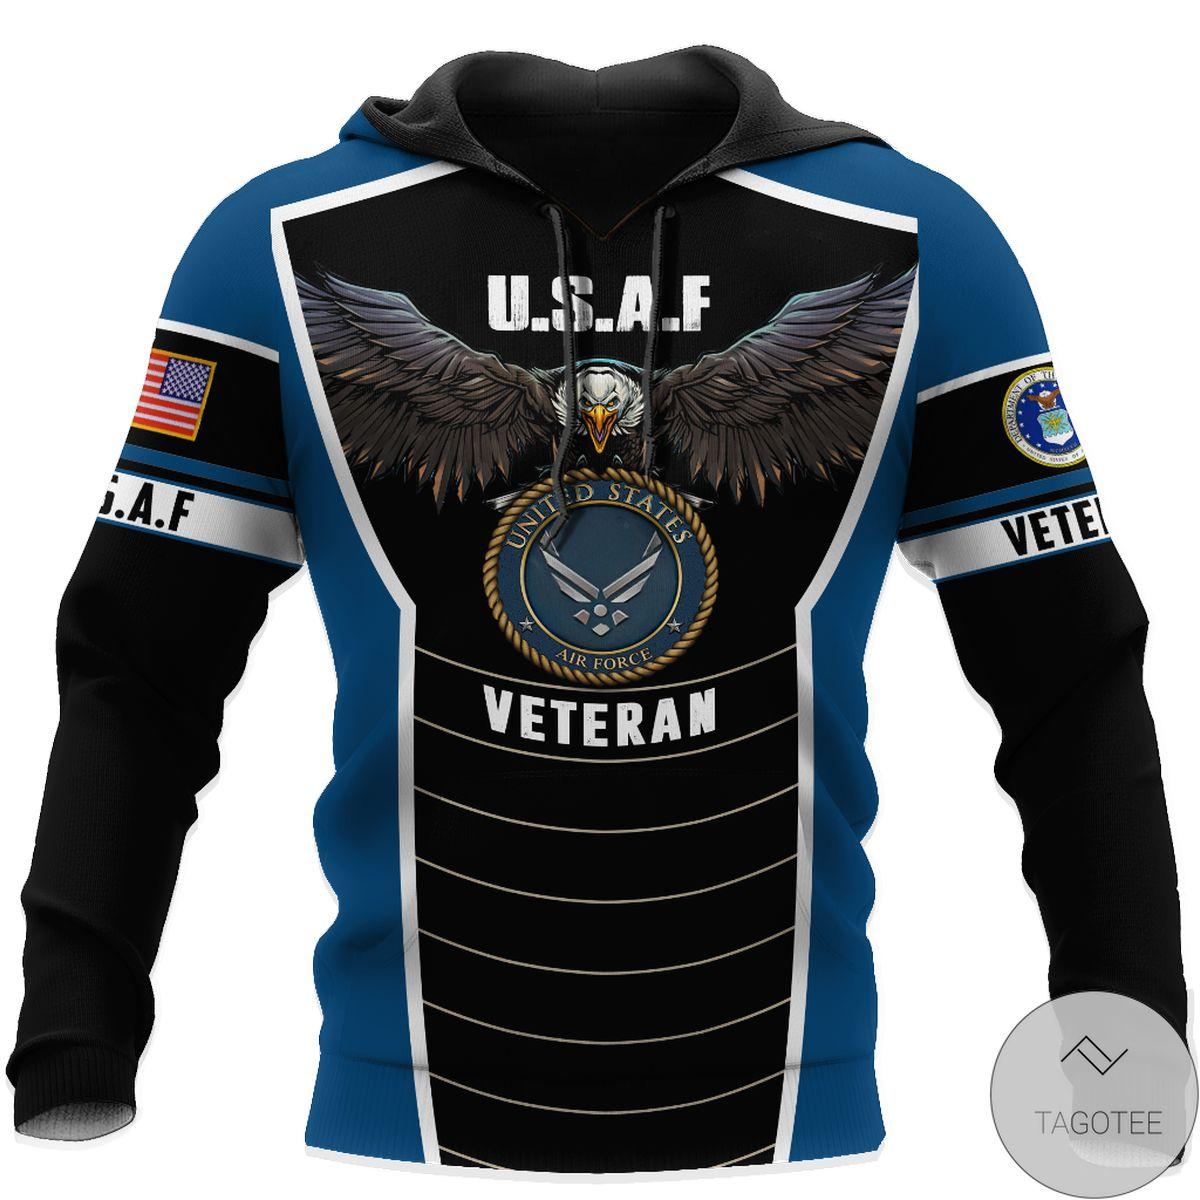 Adult U.s Air Force Veteran Eagle Pride 3D All Over Print Hoodie